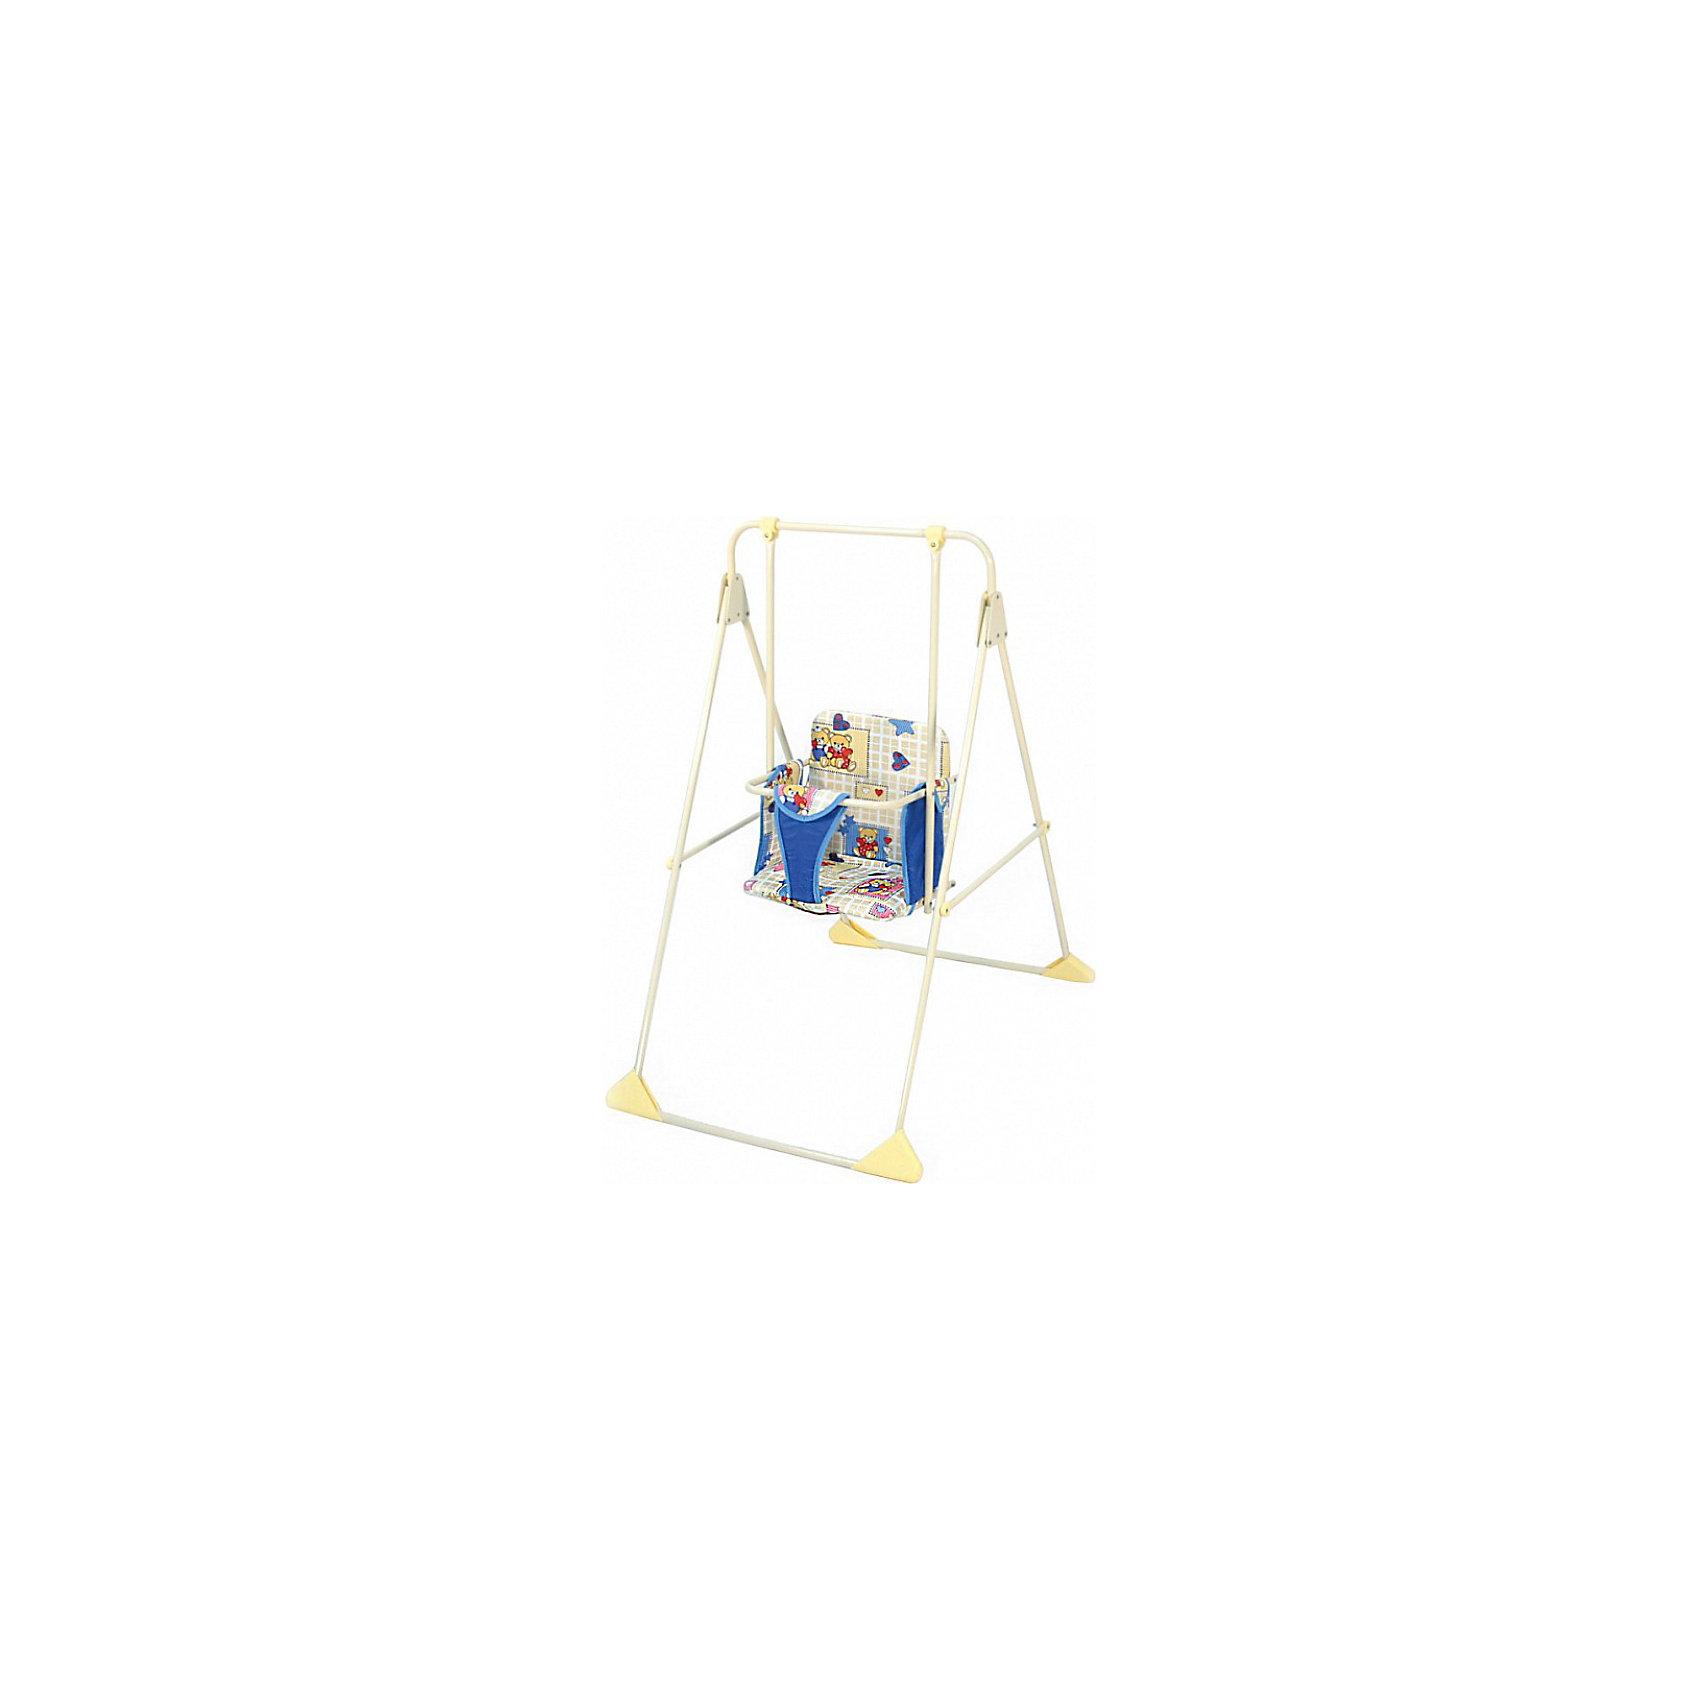 Качели детские Ветерок, Globex, бежевыйНапольные качели Ветерок позволят занять ребенка, не беспокоясь при этом о его безопасности. Яркий цвет качелей привлечет внимание малыша. Эта модель очень удобна: есть система, предохраняющая от выскальзывания ребенка. Сиденье сделано из мягкого материала, который легко мыть.<br>Качели можно легко сложить даже одной рукой! Конструкция  - очень устойчивая, легкая. В сложенном виде занимает минимум места. Изделие произведено из качественных и безопасных для малышей материалов, оно соответствуют всем современным требованиям безопасности.<br> <br>Дополнительная информация:<br><br>цвет: бежевый;<br>материал: металл, пластик;<br>механизм крепежа абсолютно прост и надежен;<br>легко складываются;<br>компактный размер в сложенном виде;<br>мягкая, приятная на ощупь легко моющимся обивка сиденья;<br>в качестве обеспечения безопасности у качелей предусмотрены высокие ограничительные подлокотники;<br>бампер-поручень для ручек ребёнка;<br>широкий мягкий ограничительный ремешок между ножек, для защиты от выскальзывания вниз;<br>окрашивание – порошковое, устойчивое к воздействиям внешней среды;<br>максимальная нагрузка: 15 кг;<br>размер в разложенном состоянии: 56х107х72 см.<br><br>Качели детские Ветерок, бежевый, от компании Globex можно купить в нашем магазине.<br><br>Ширина мм: 1070<br>Глубина мм: 560<br>Высота мм: 490<br>Вес г: 3000<br>Возраст от месяцев: 6<br>Возраст до месяцев: 24<br>Пол: Унисекс<br>Возраст: Детский<br>SKU: 4720001